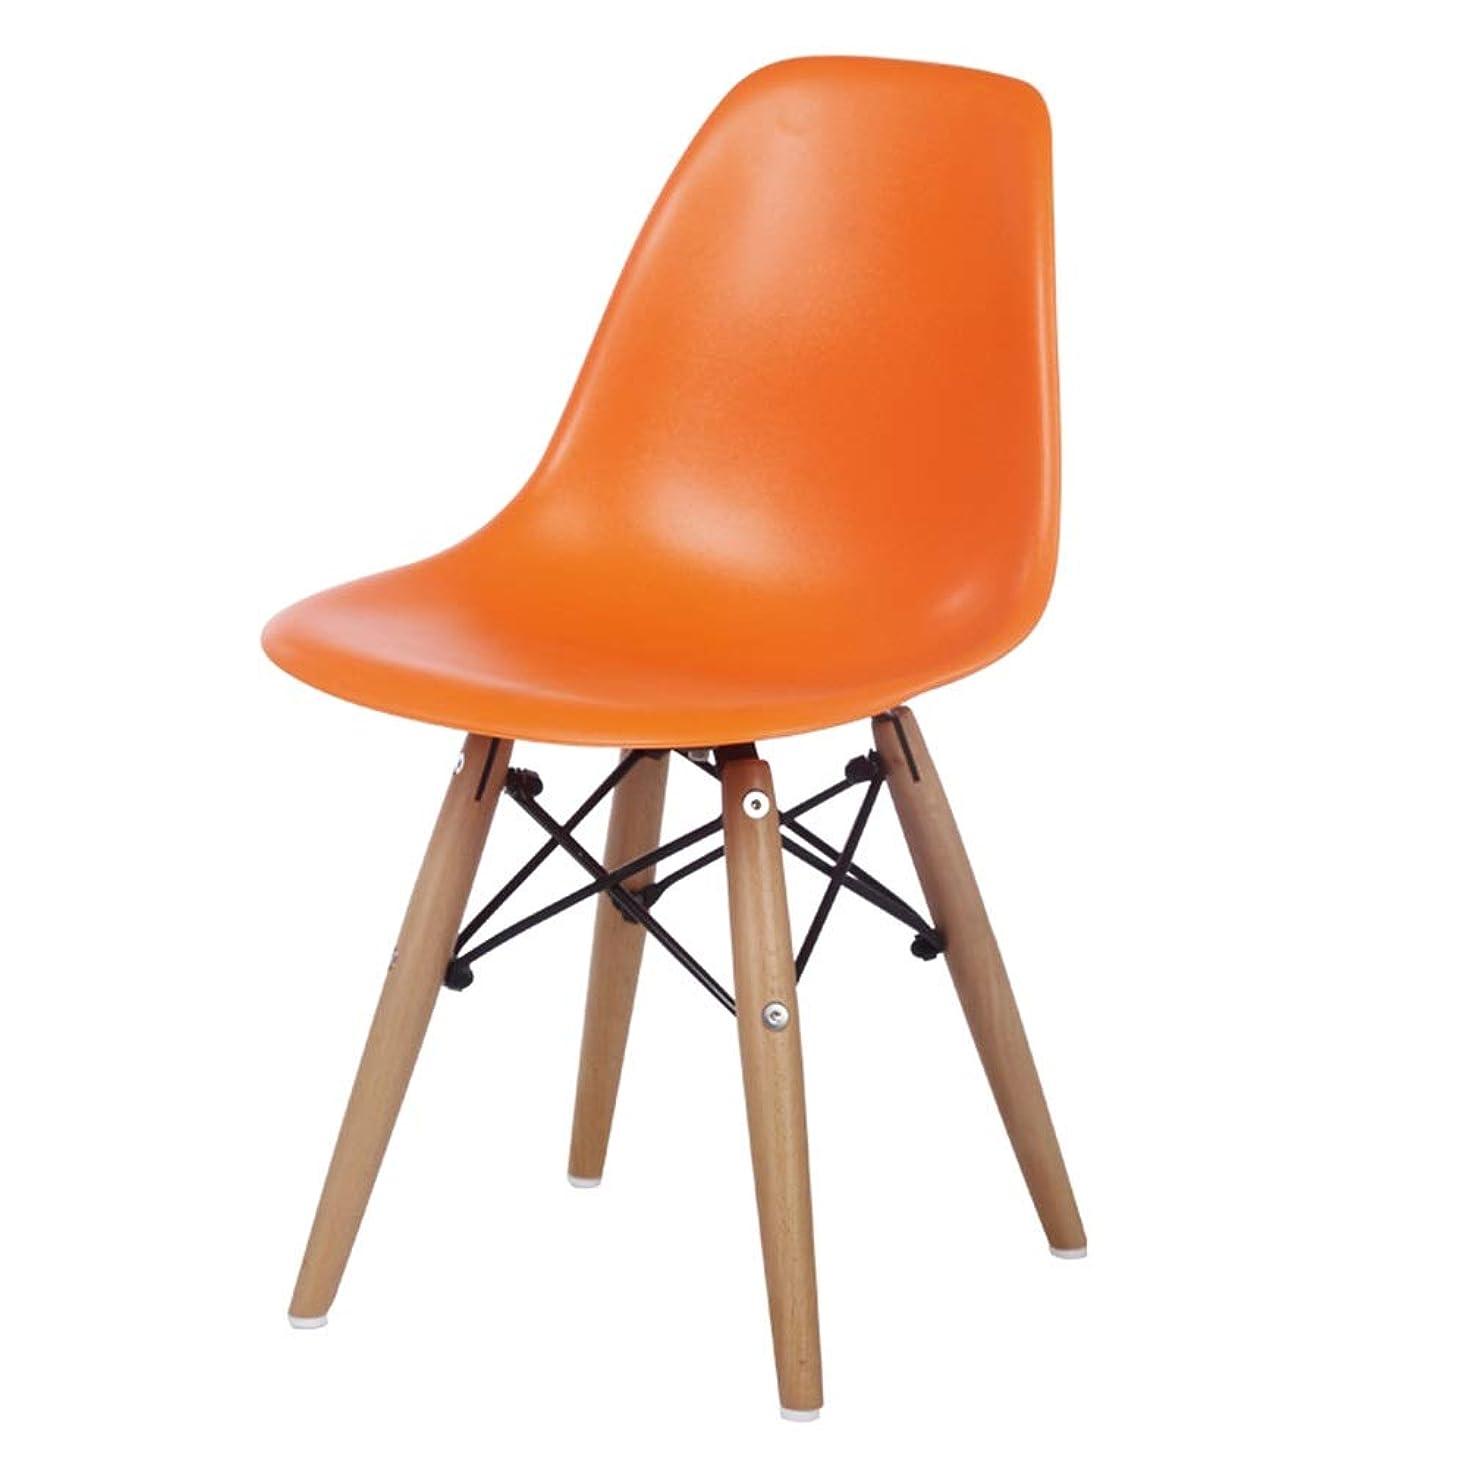 火山口径協力プラスチックスツール、シンプルな背もたれスツール、コンピュータチェア、純木のダイニングテーブルとチェア (色 : オレンジ)